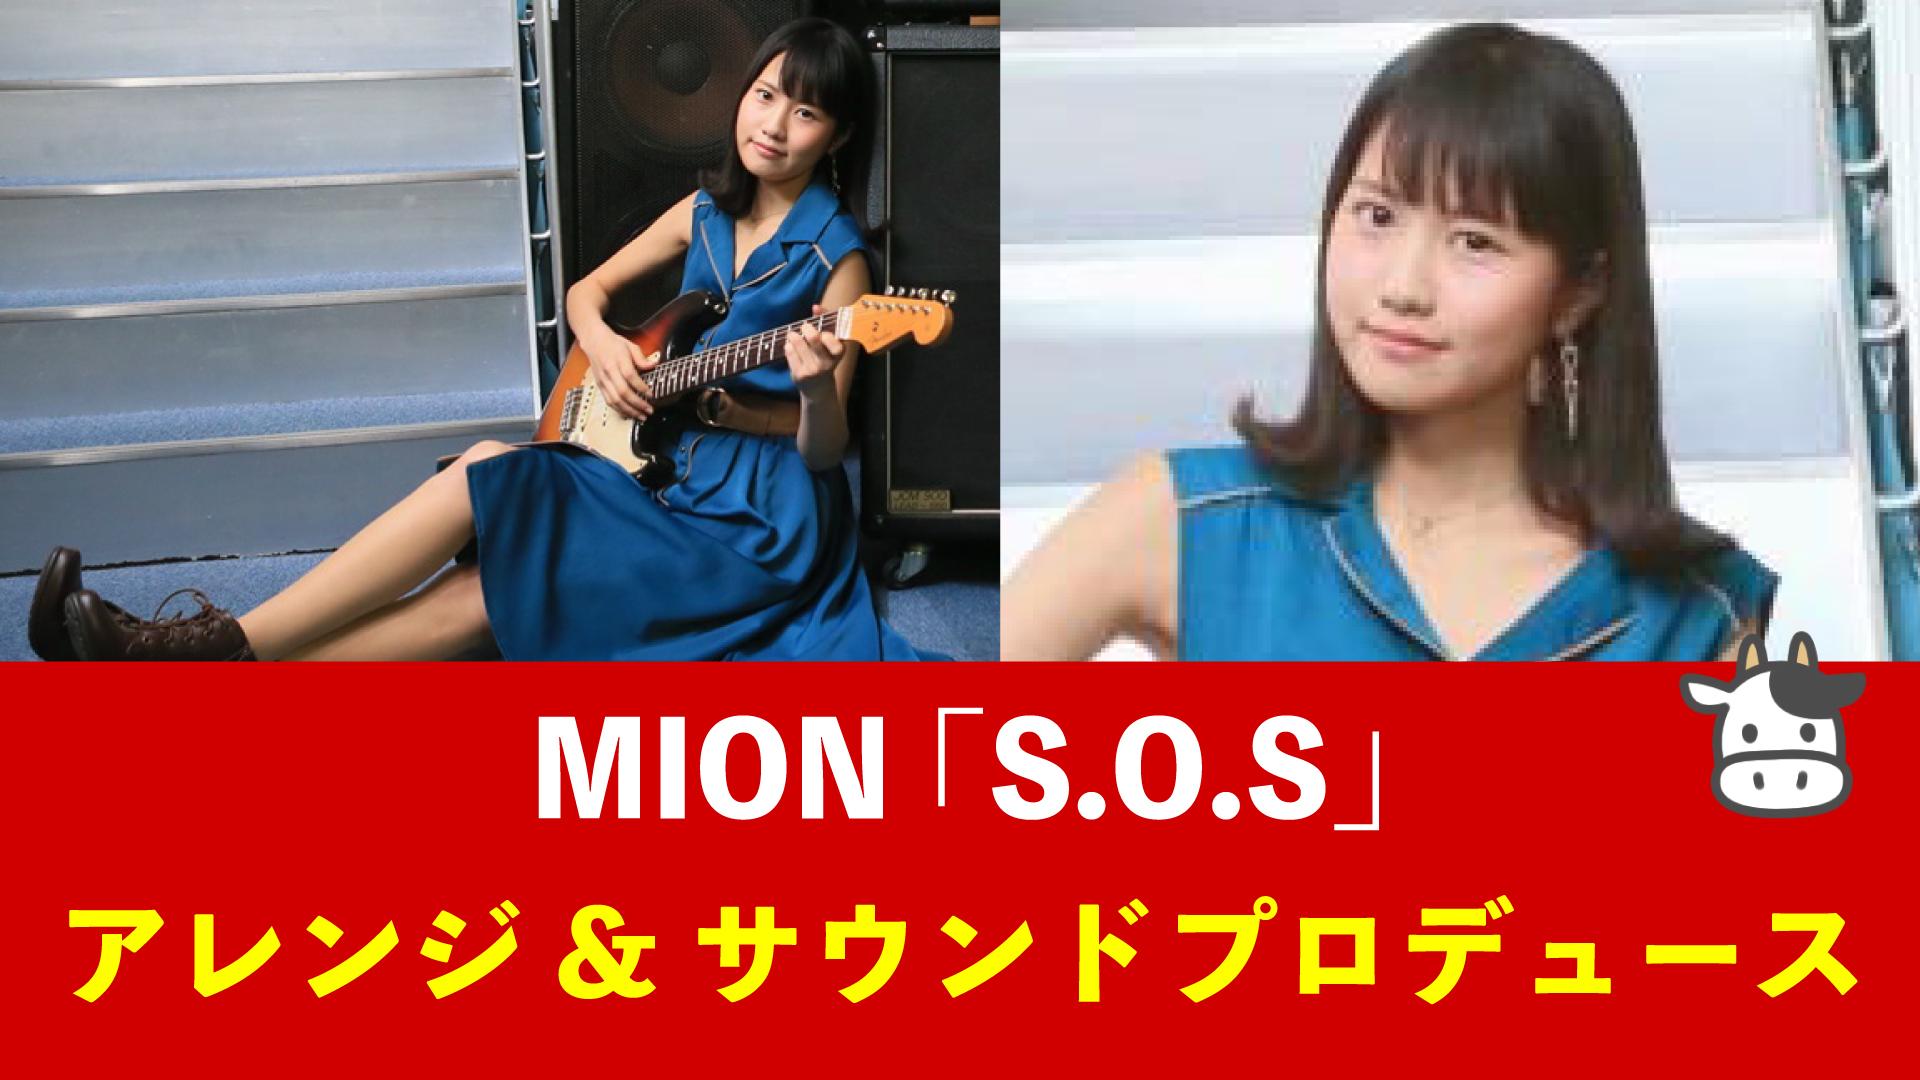 MION S.O.S. アレンジ&サウンドプロデュースの記事